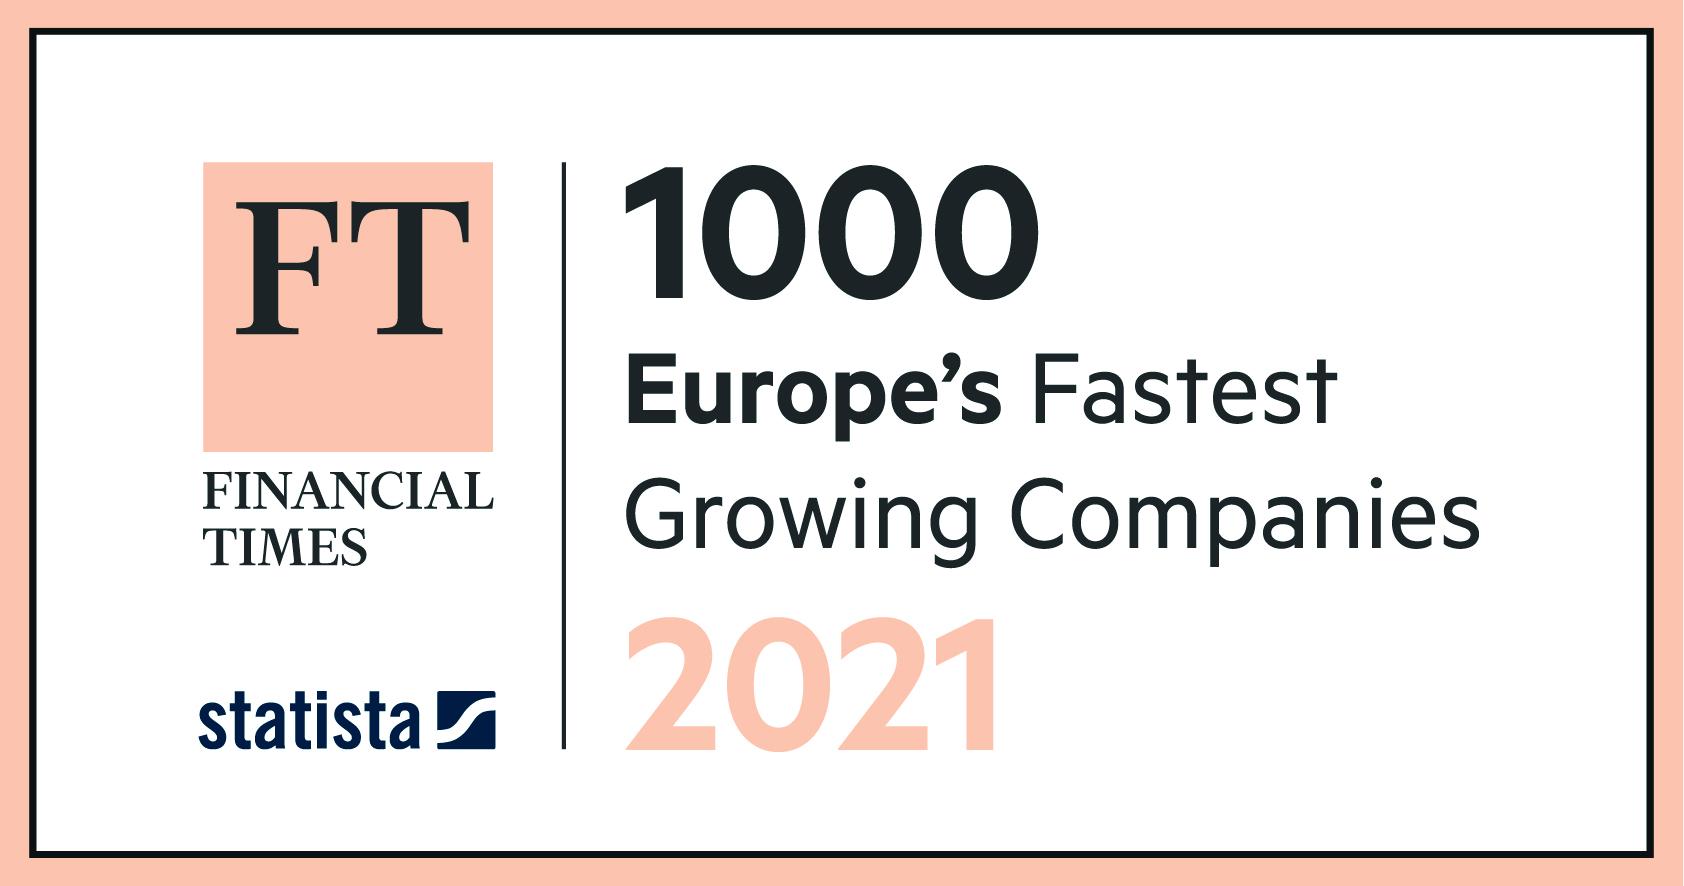 FT 1000: tysiąc najszybciej rozwijających się firm w Europie